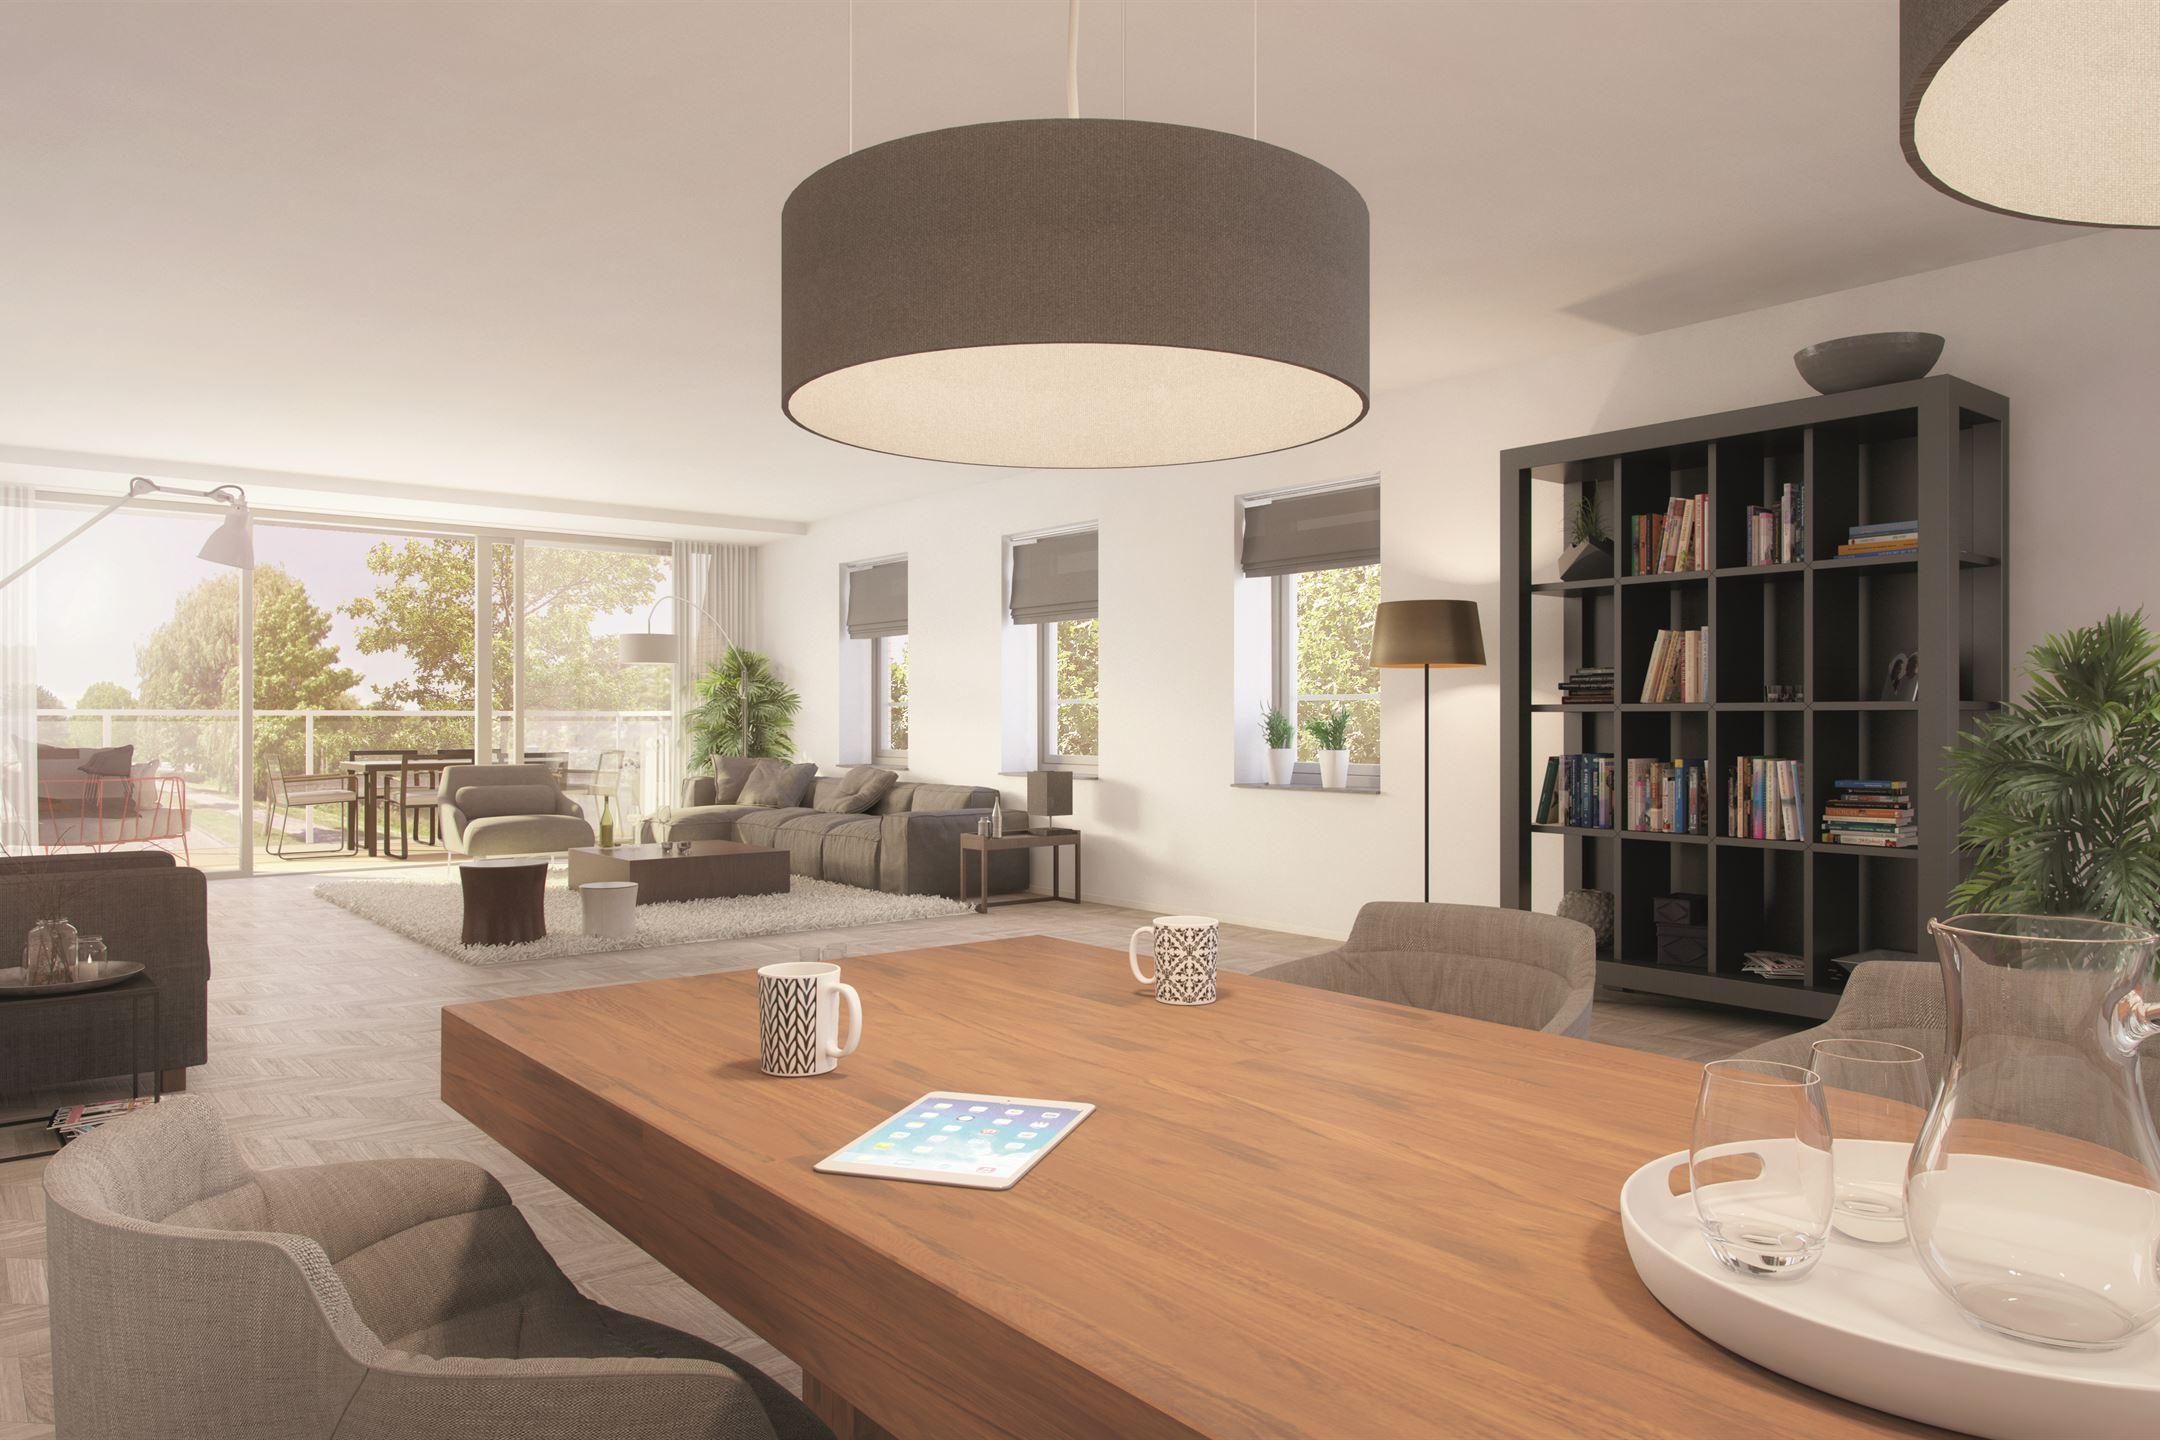 Appartement te koop: frederik bouwnr. 8 3136 vlaardingen [funda]